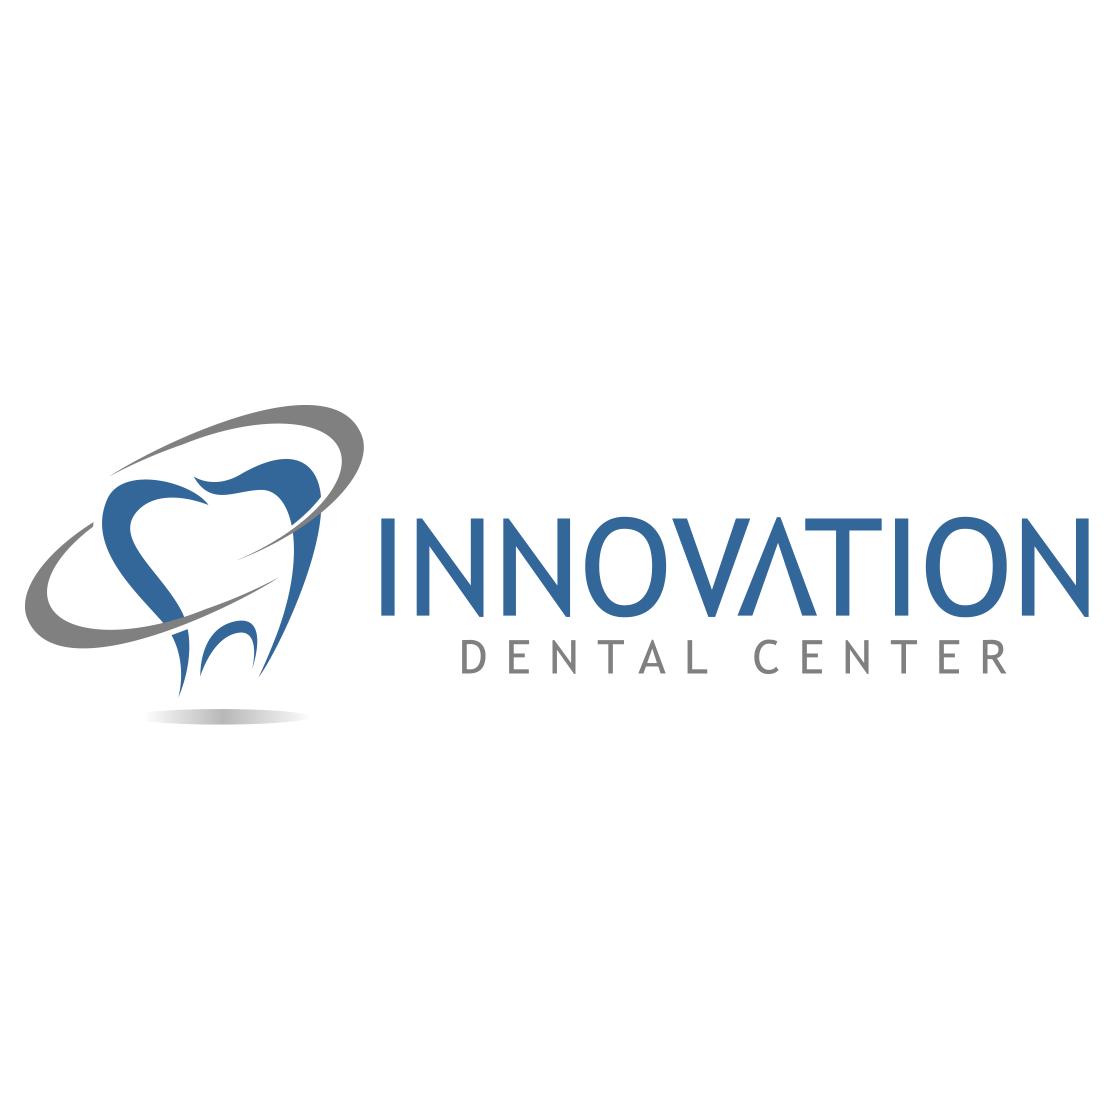 Innovation Dental Center